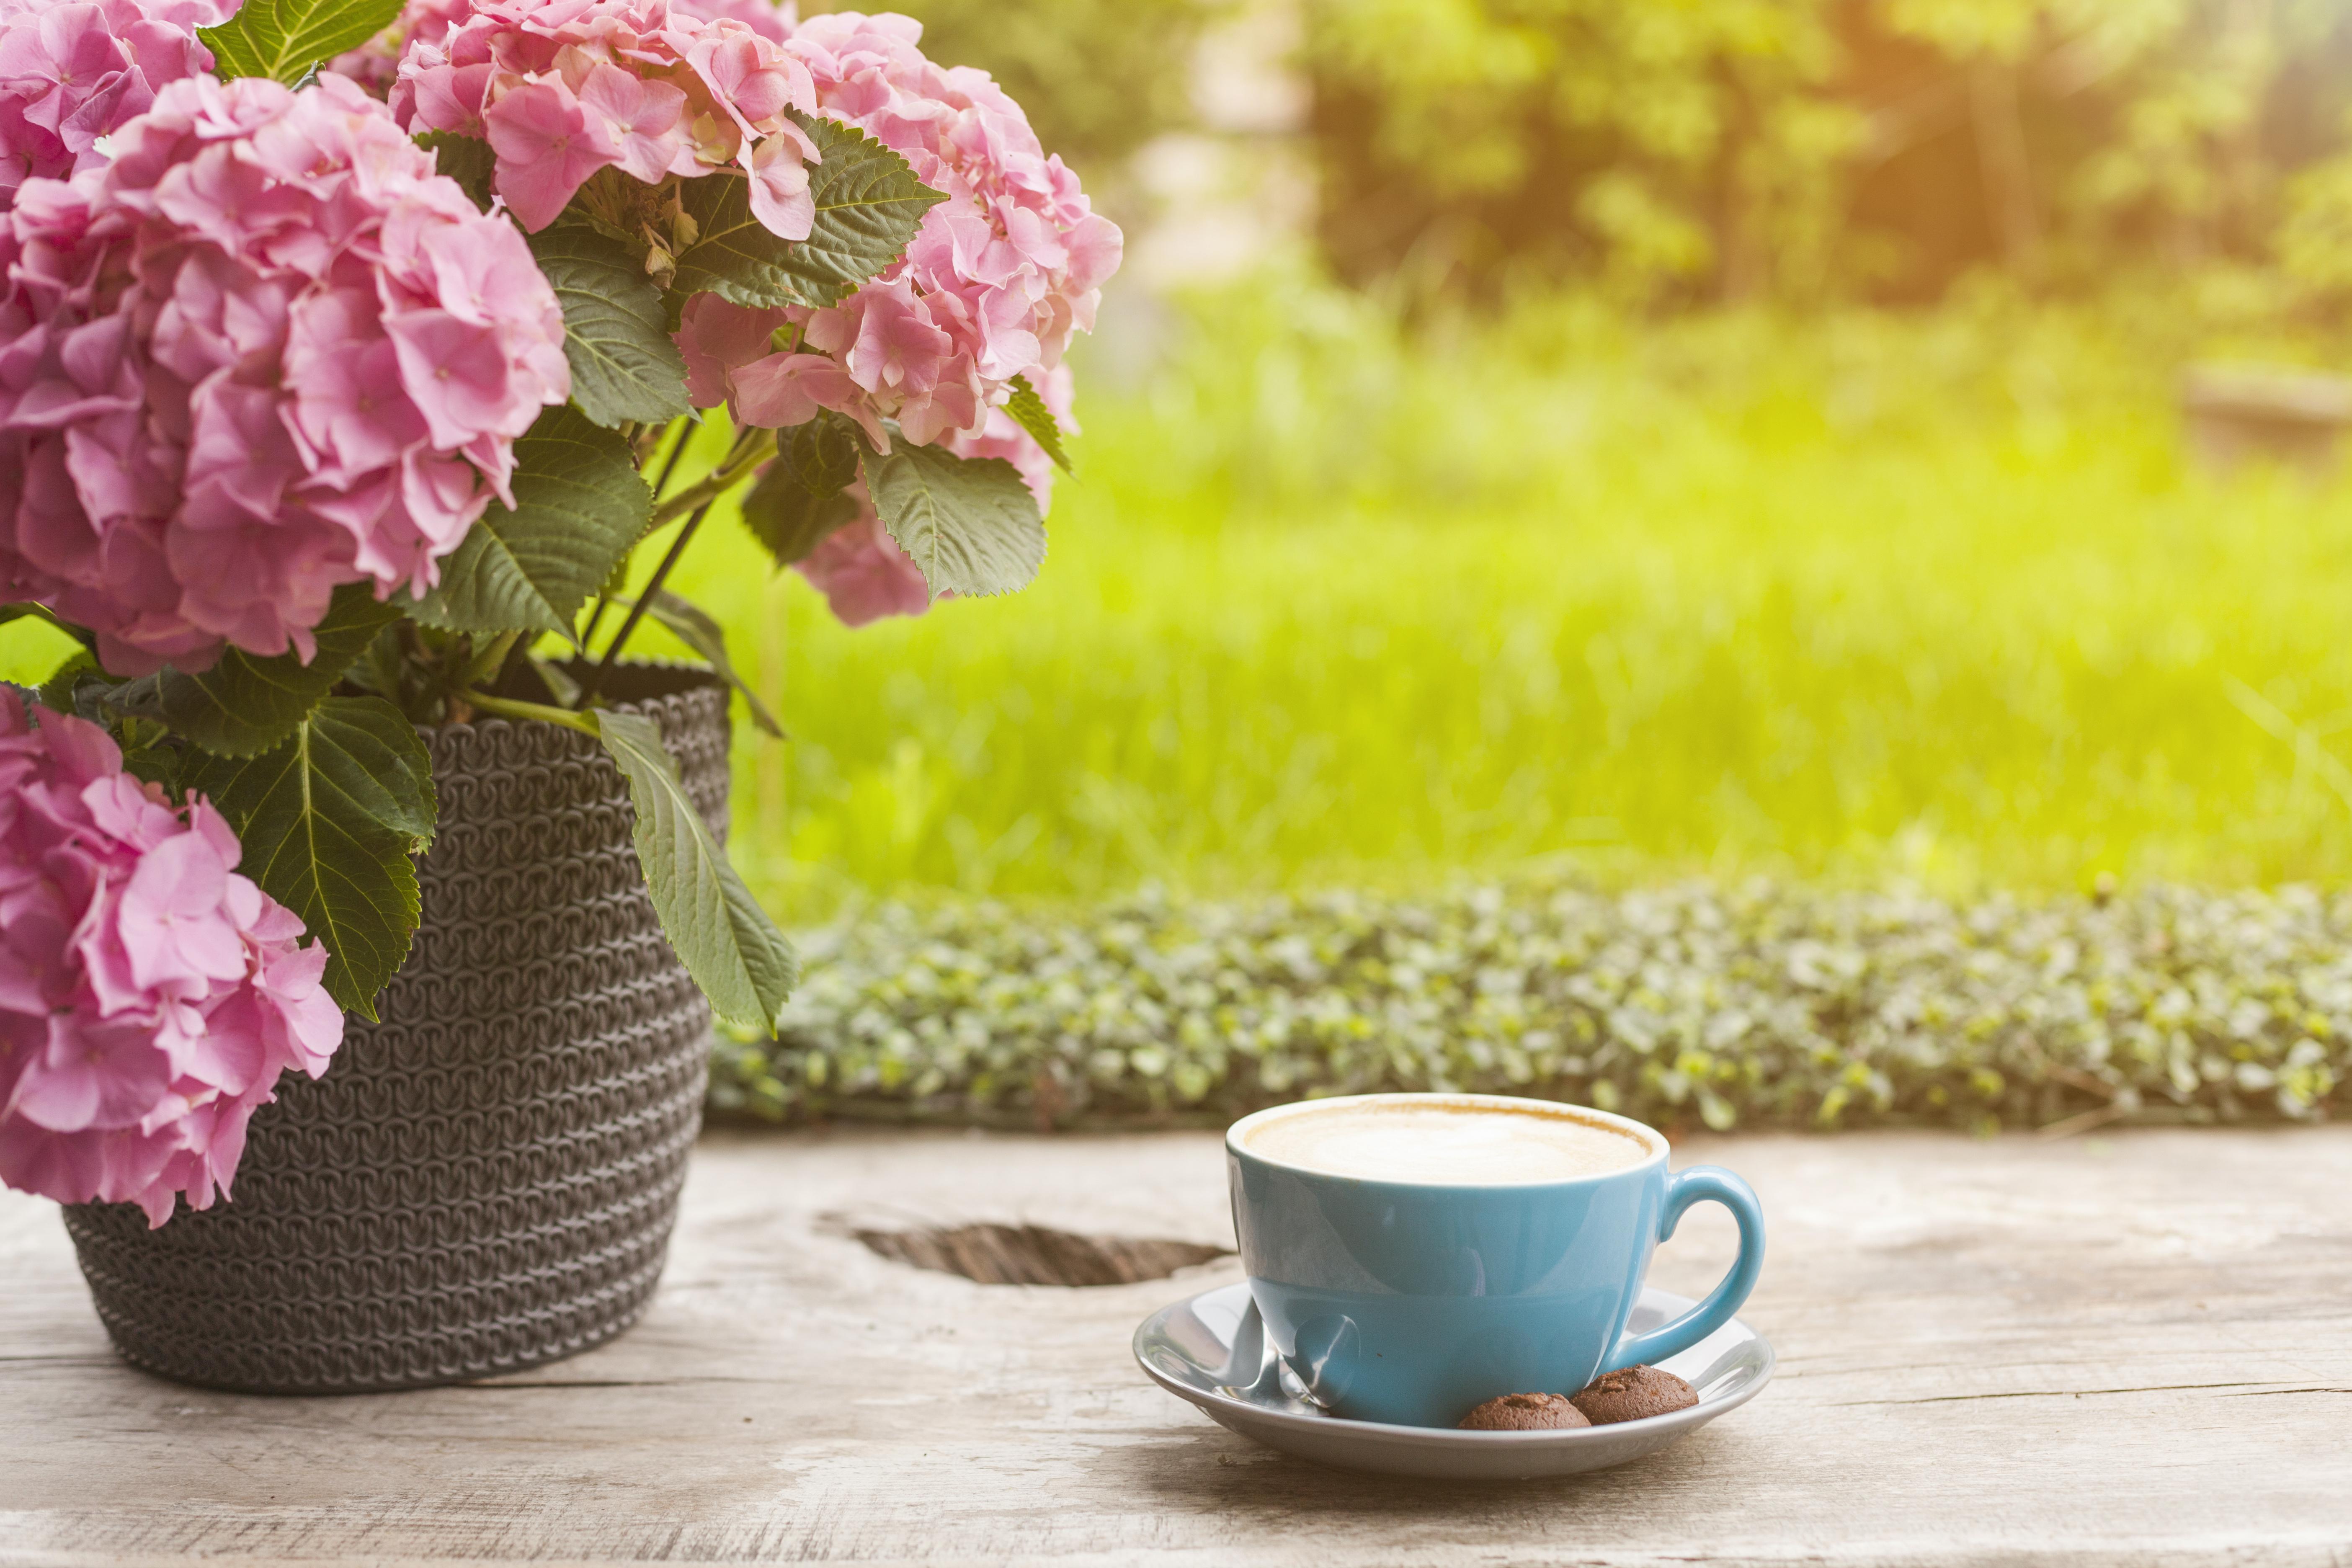 Xícara De Café E Flores Em Meio A Jardim